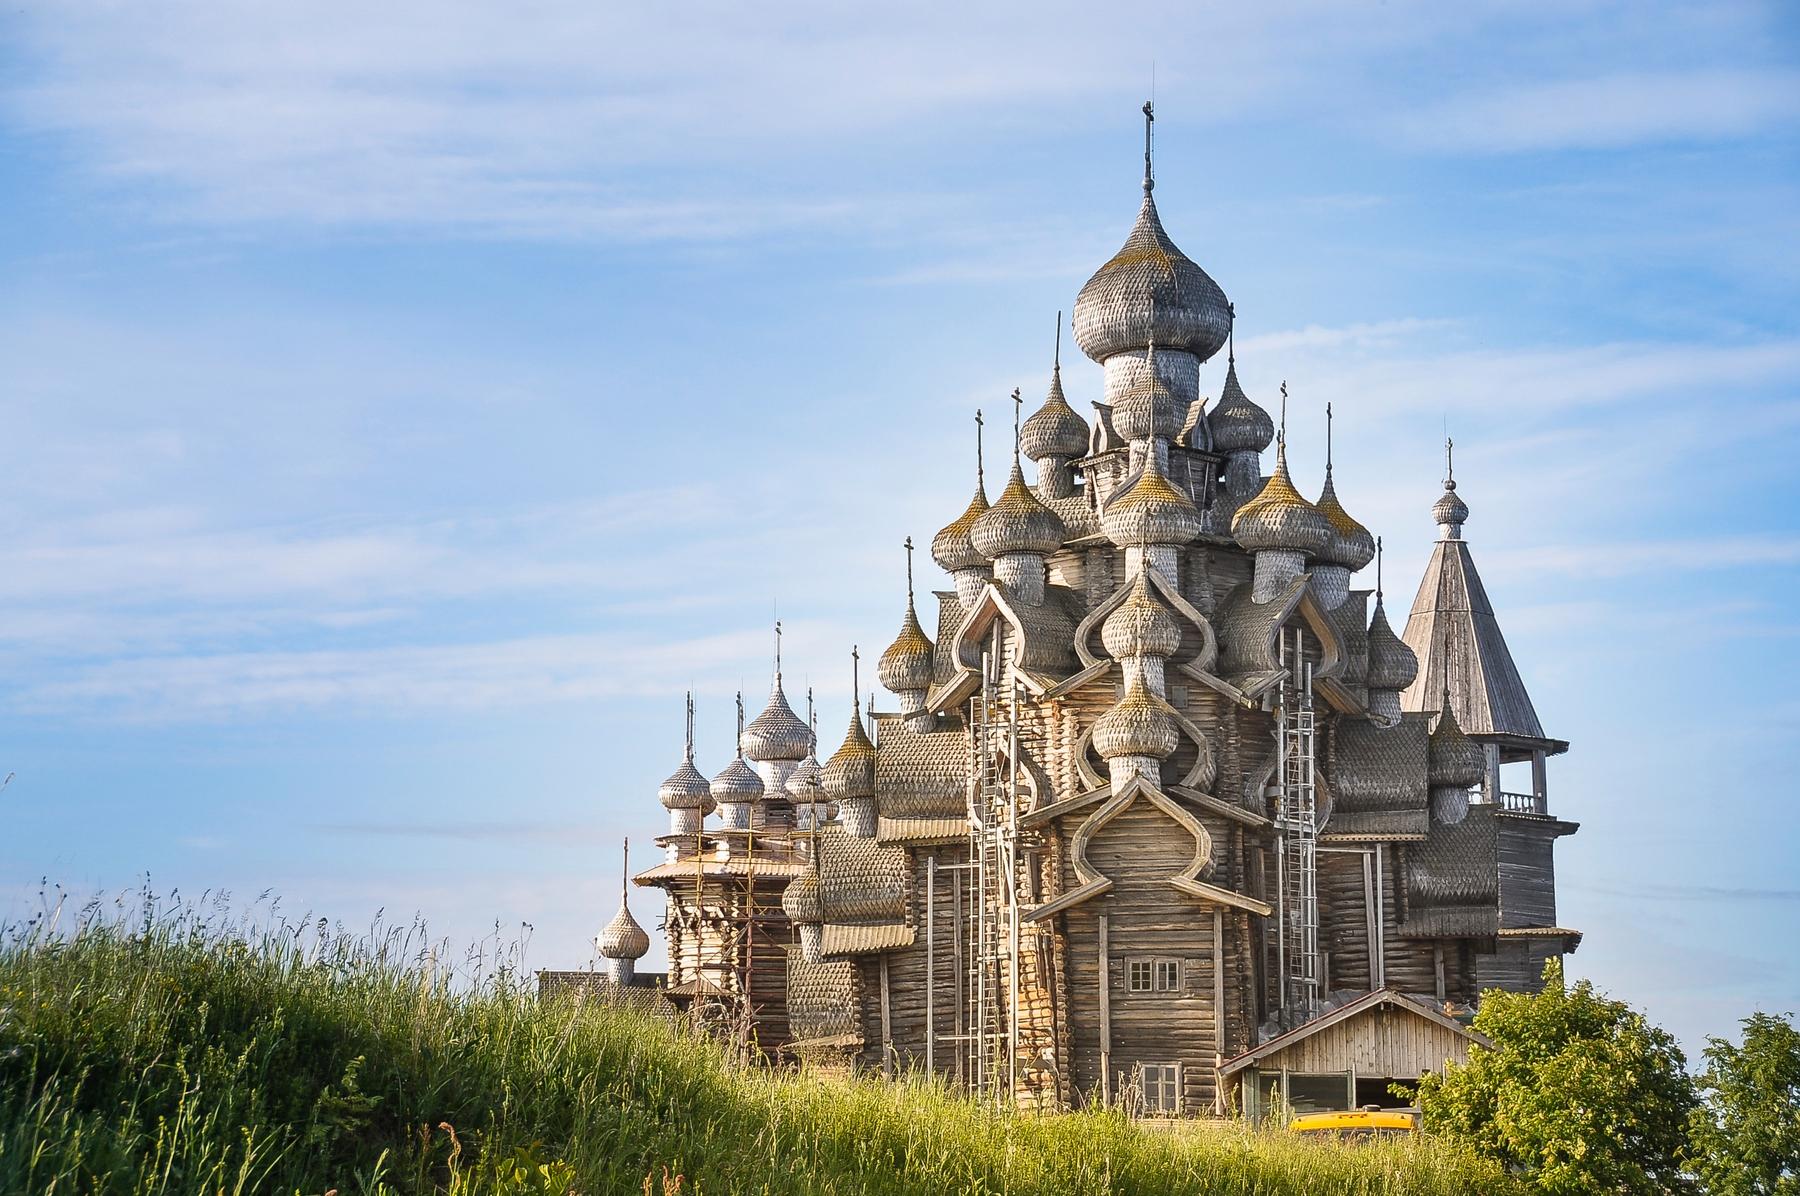 Церковь Преображения Господня — православный храм, памятник архитектуры федерального значения, расположенный на территории музея-заповедника «Кижи», входит в состав храмового комплекса Кижского погоста